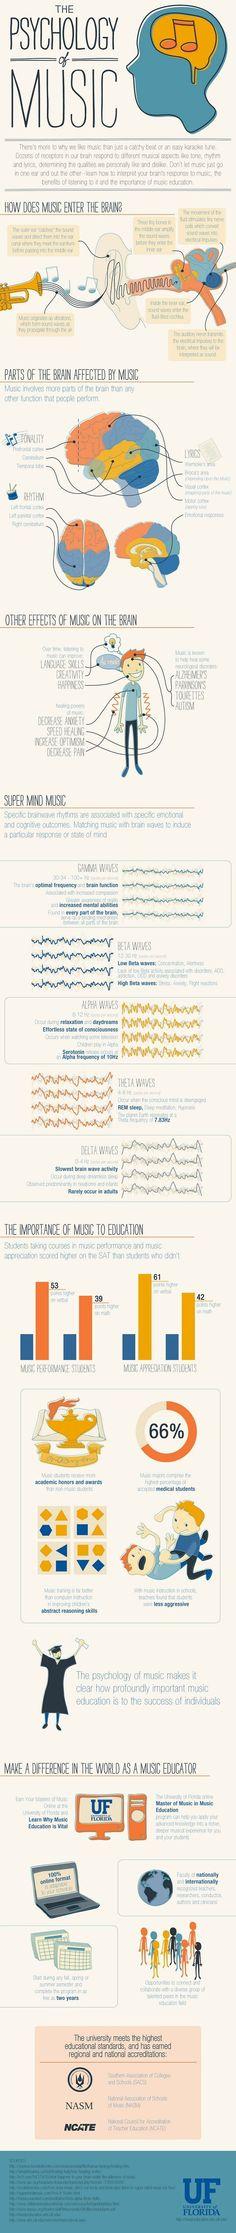 La psicología de la música